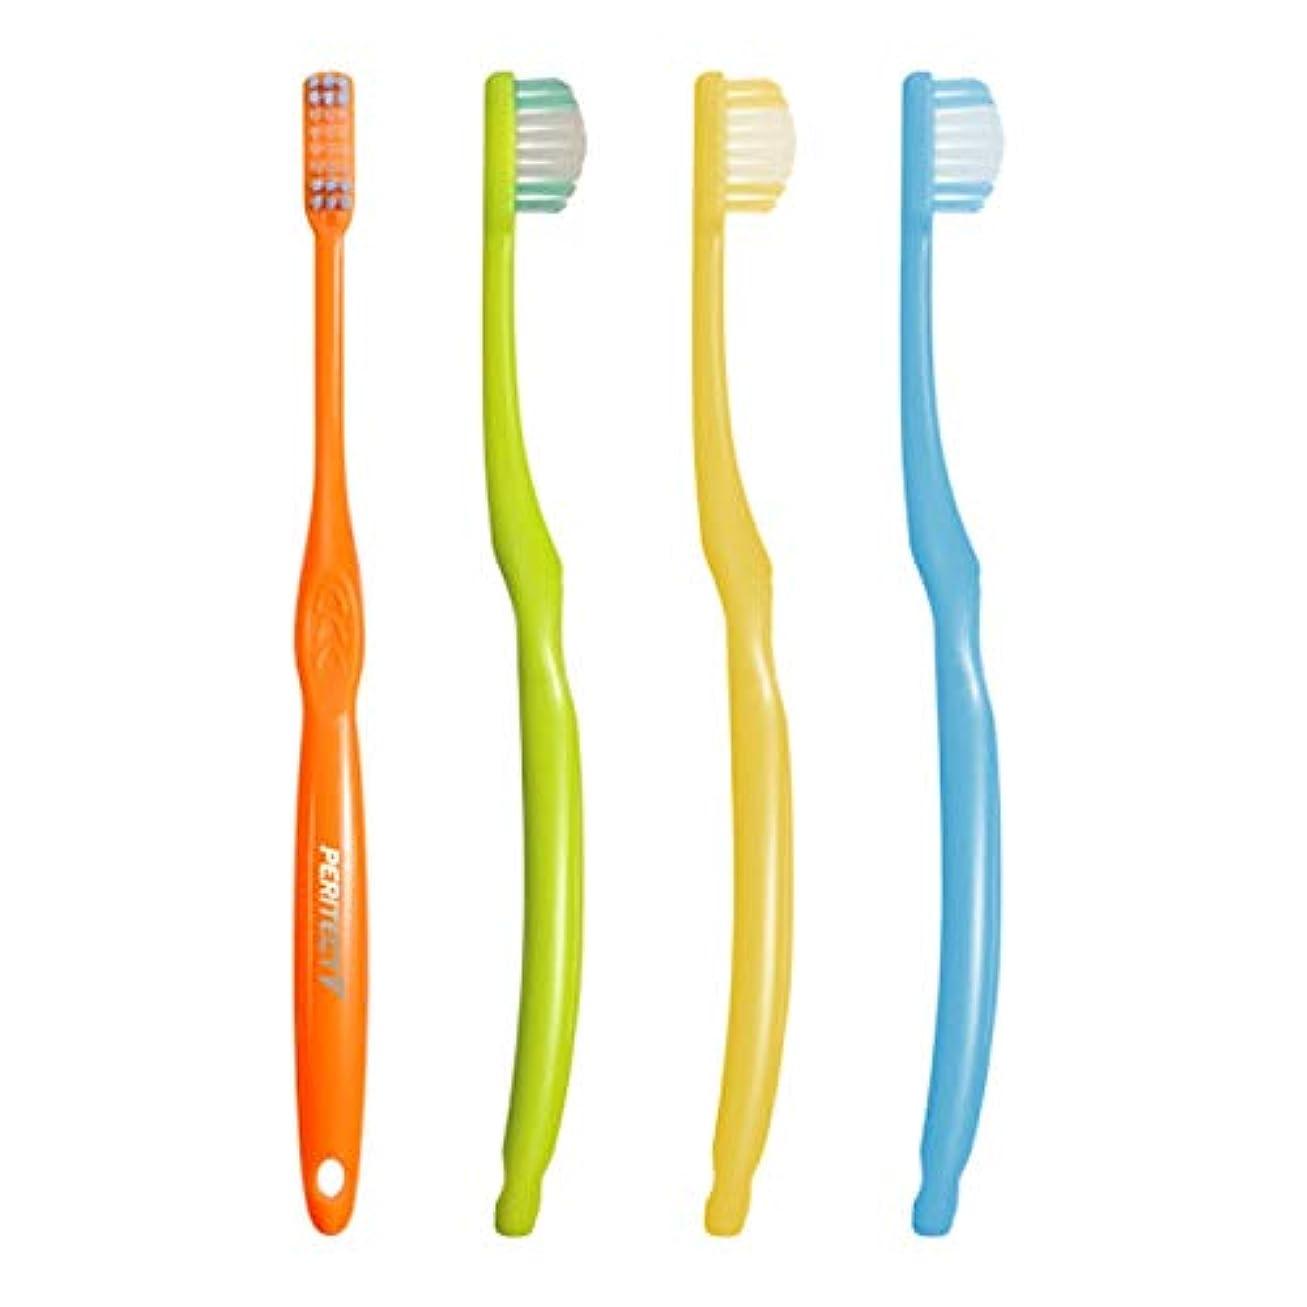 走る有益二年生ビーブランド PERITECT V ペリテクト ブイ 8M(ふつう)×10本 ハブラシ 歯周病予防 歯科専売品